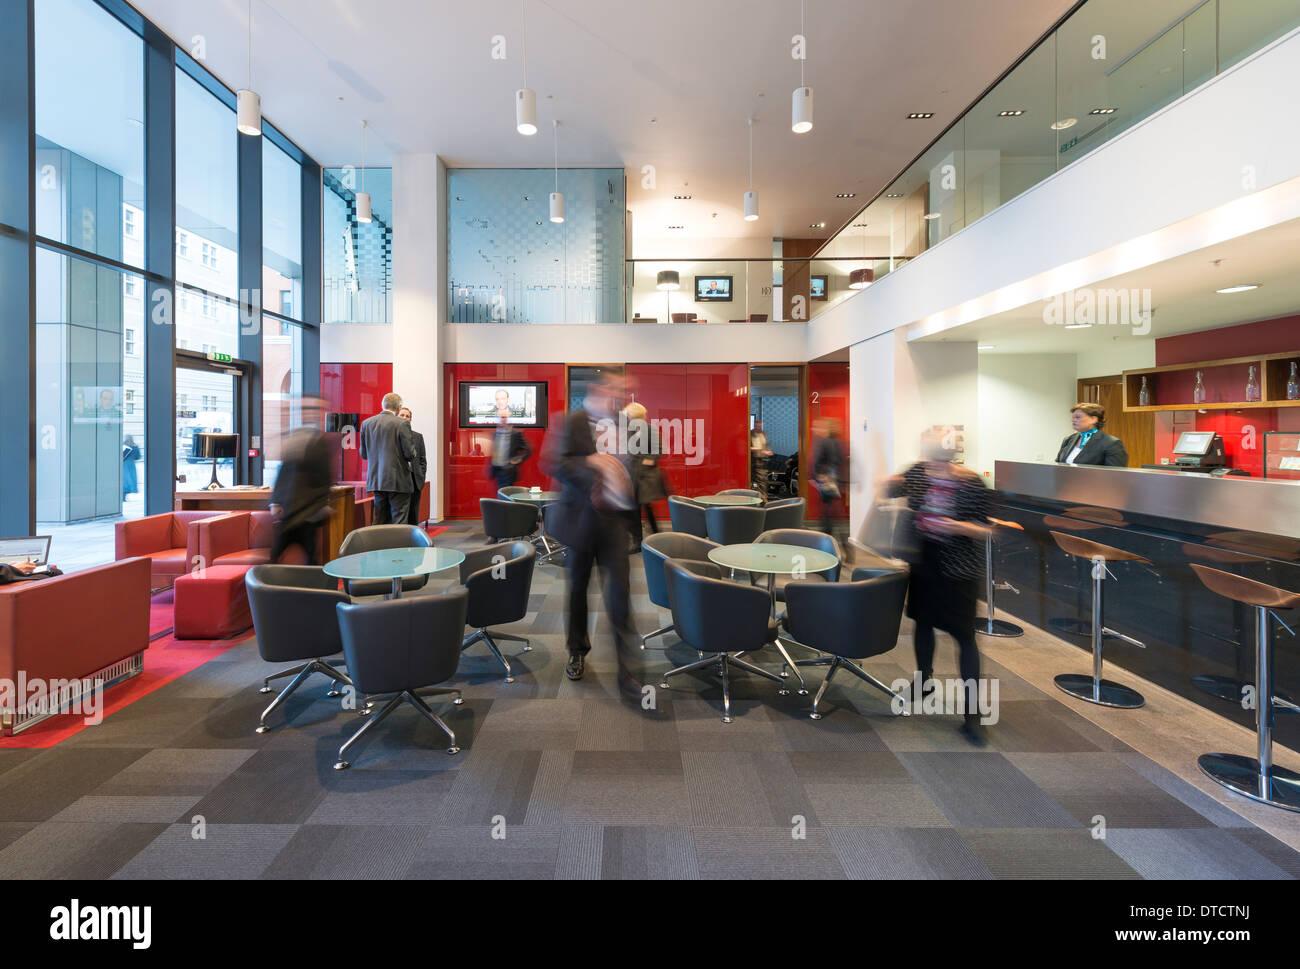 Le salon d'affaires à 11 Brindleyplace. Photo Stock